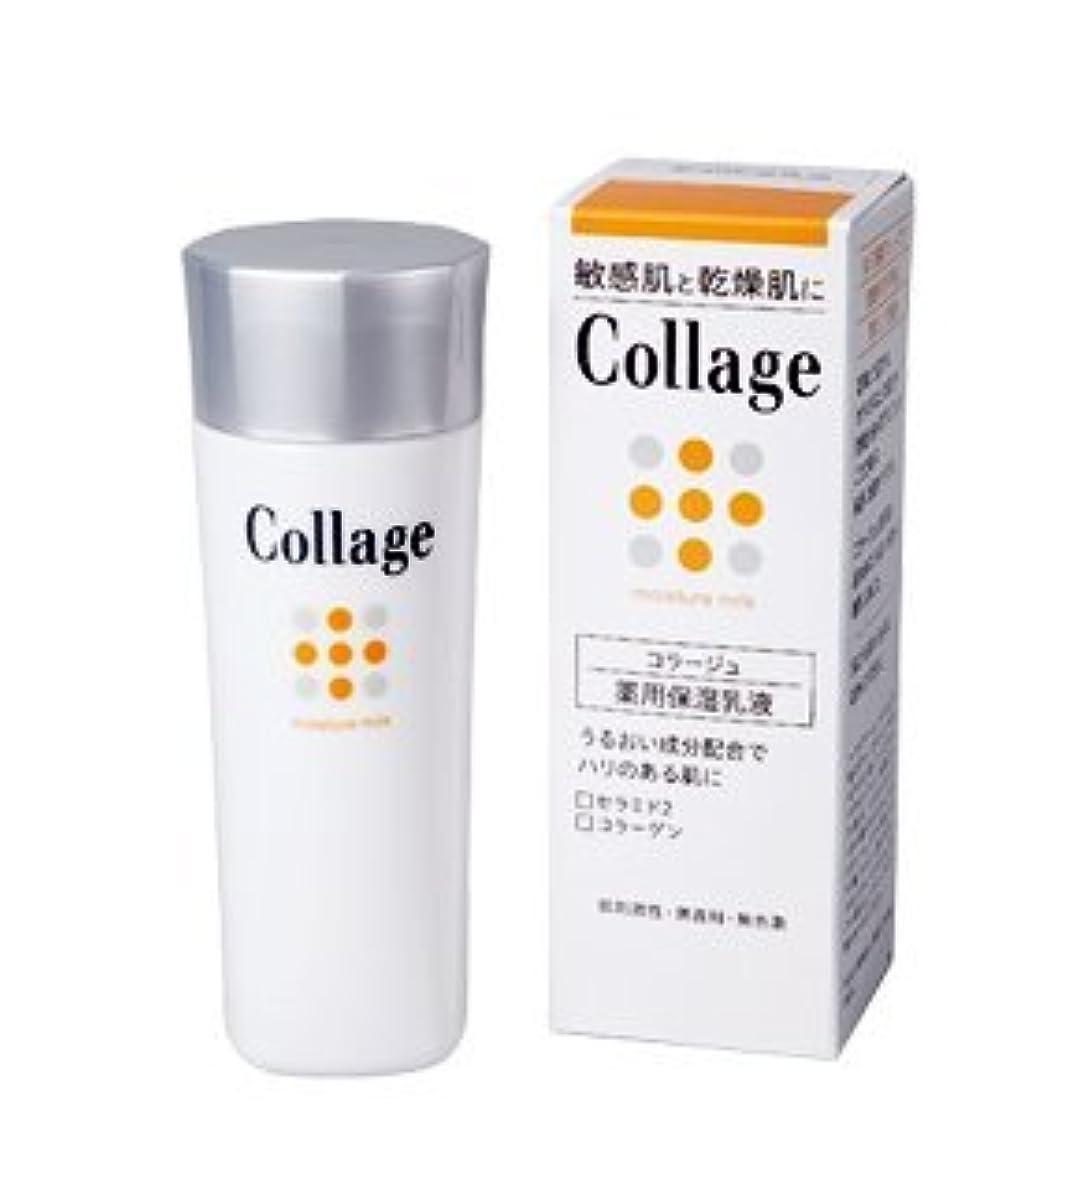 フロー困惑したれる【持田ヘルスケア】 コラージュ薬用保湿乳液 80ml (医薬部外品) ×4個セット